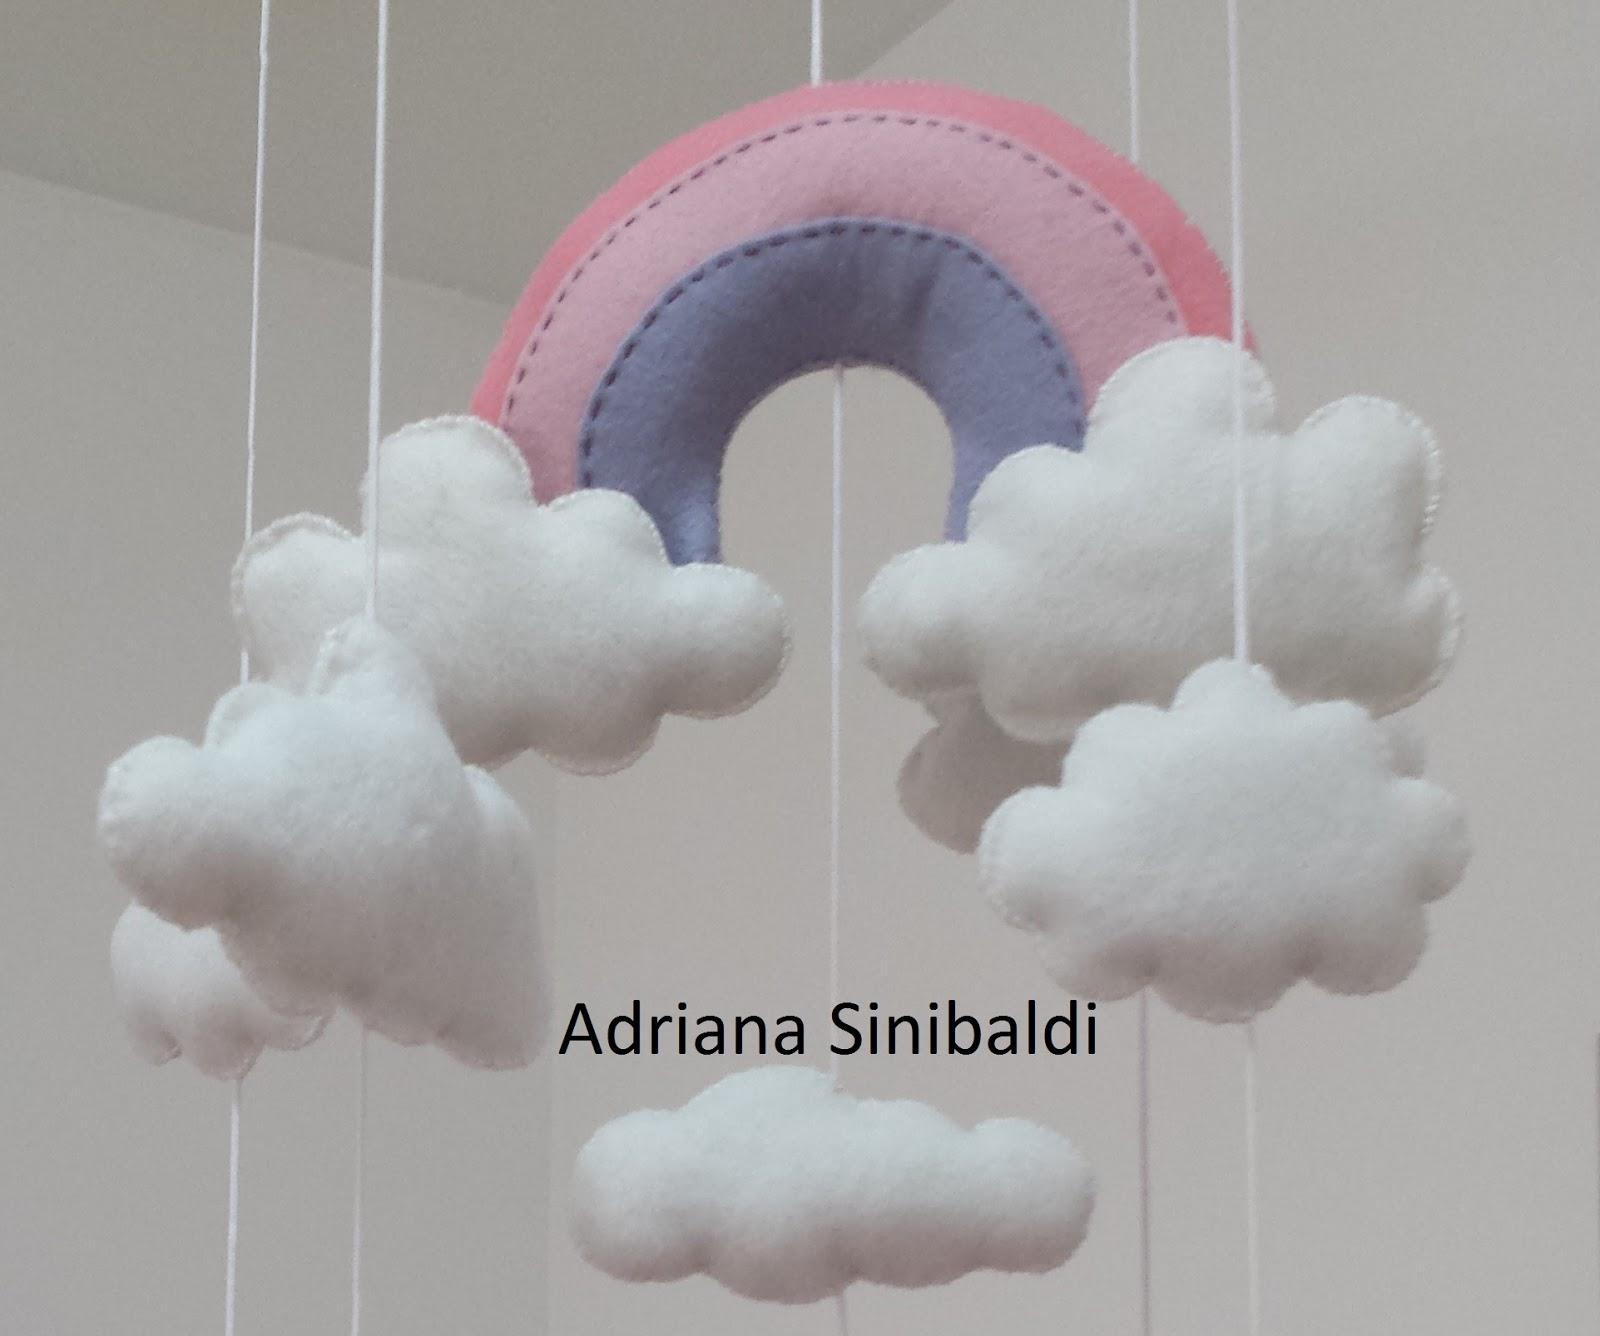 Adri Sinibaldi Scrapbook Móbile Batismo ou Bebê Arco Íris e Balões em Feltro